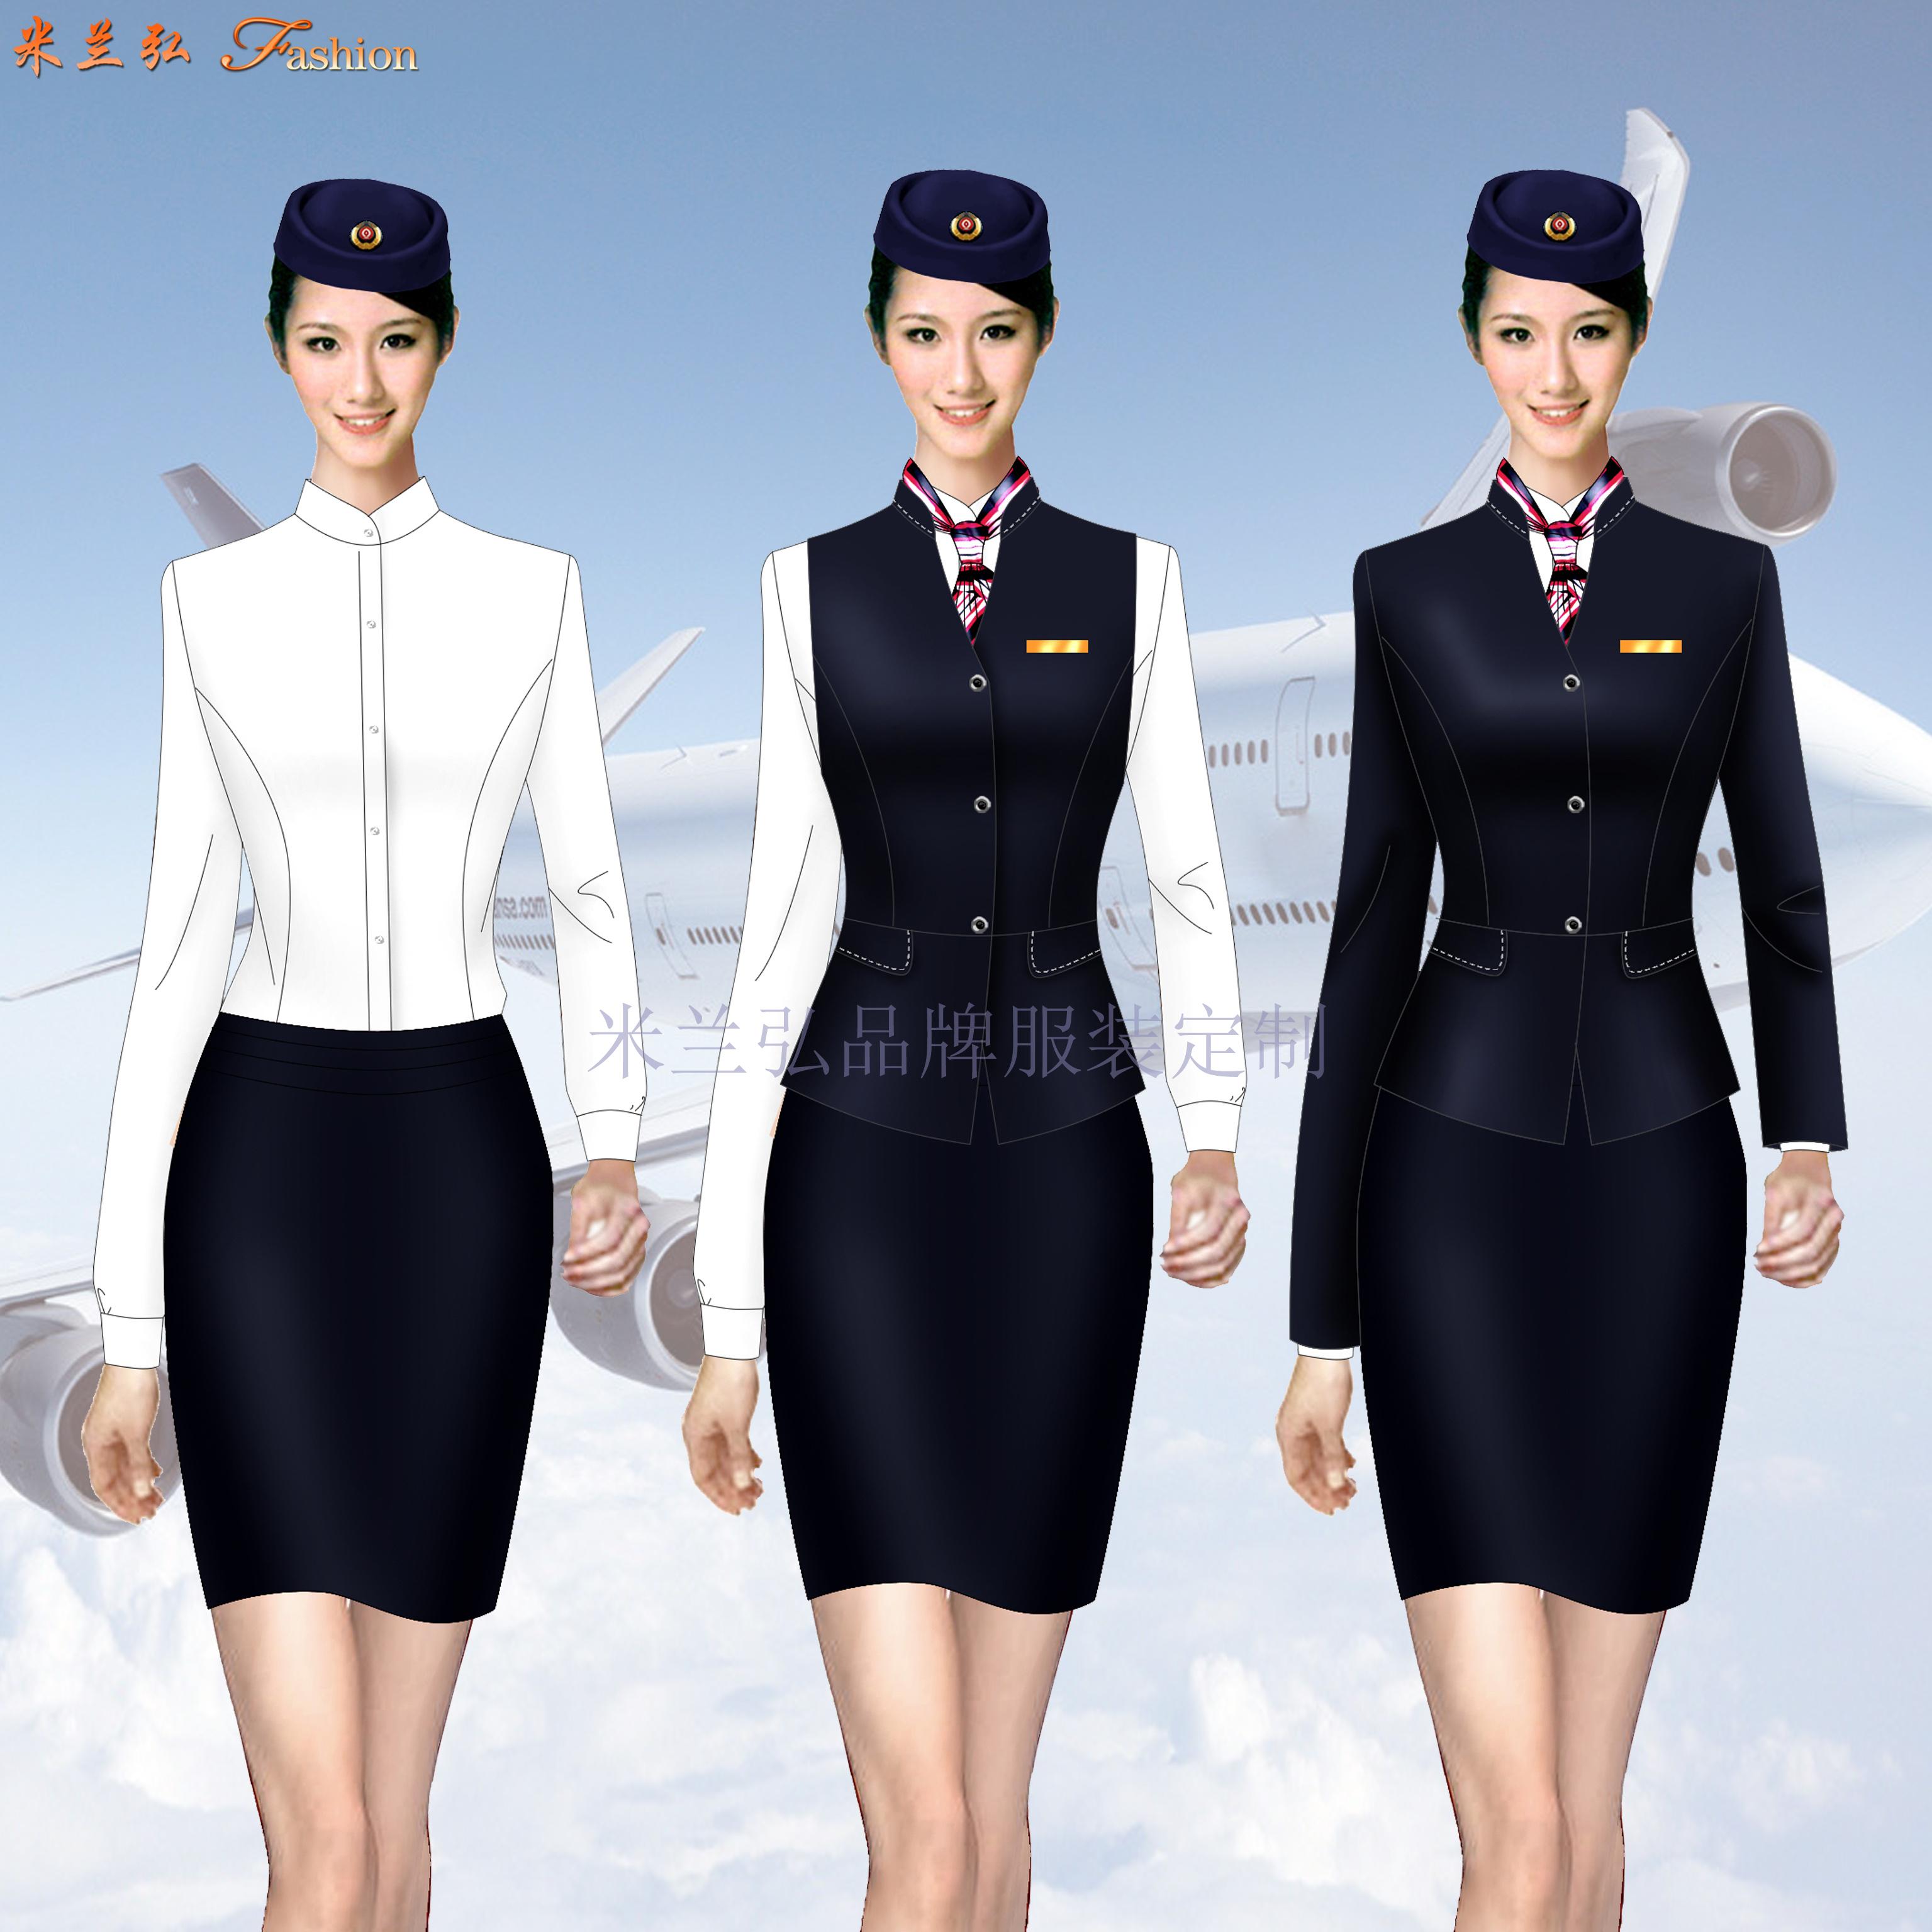 濟南高鐵乘務學校鐵路職業裝定做-量身定制-米蘭弘服裝廠家-3